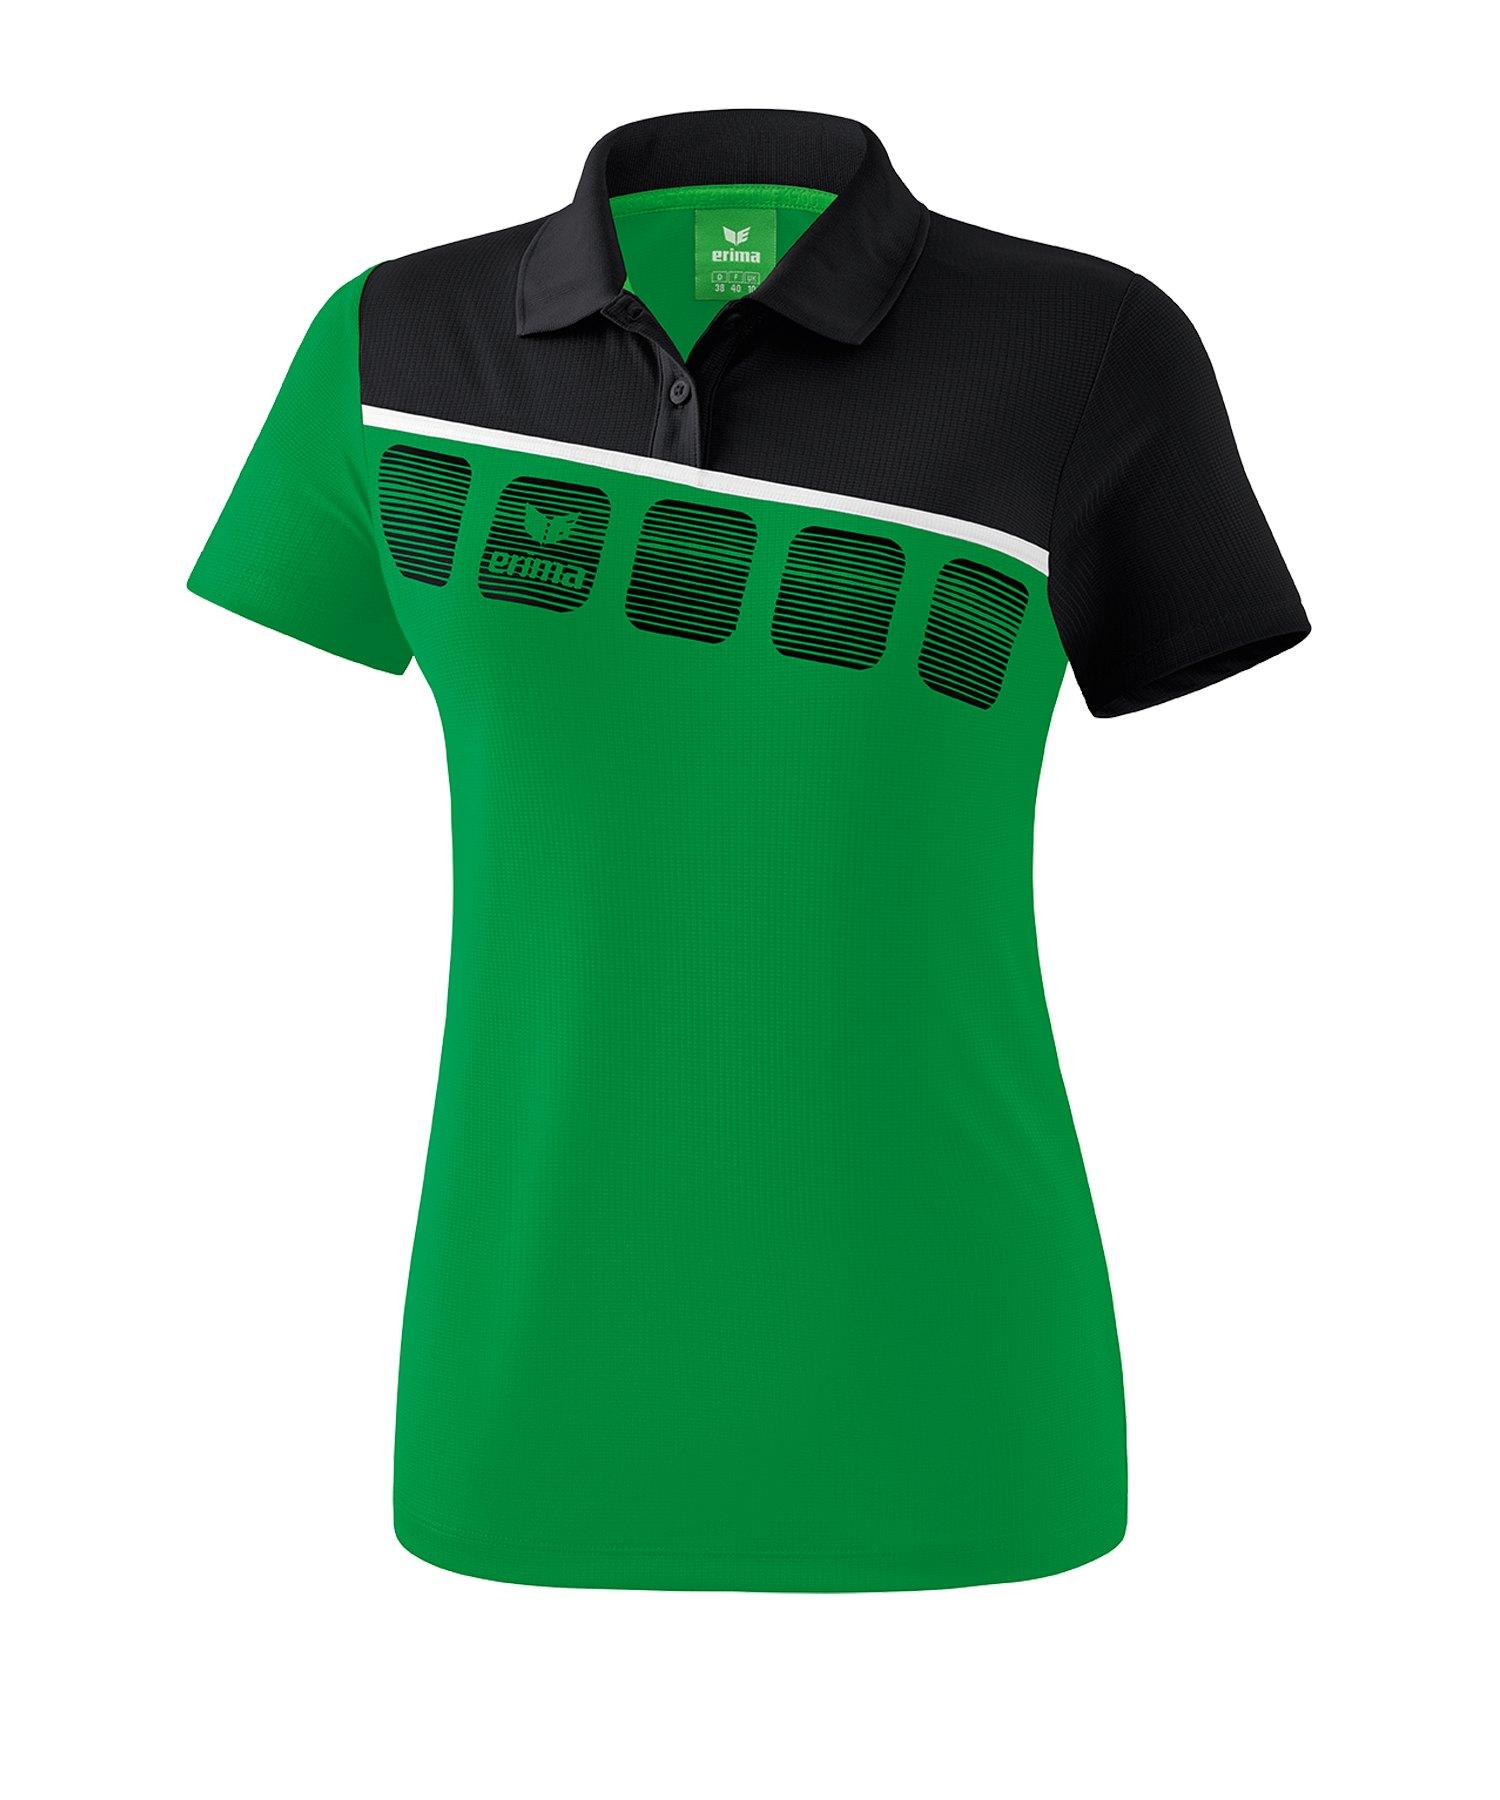 Erima 5-C Poloshirt Damen Grün Schwarz - Gruen